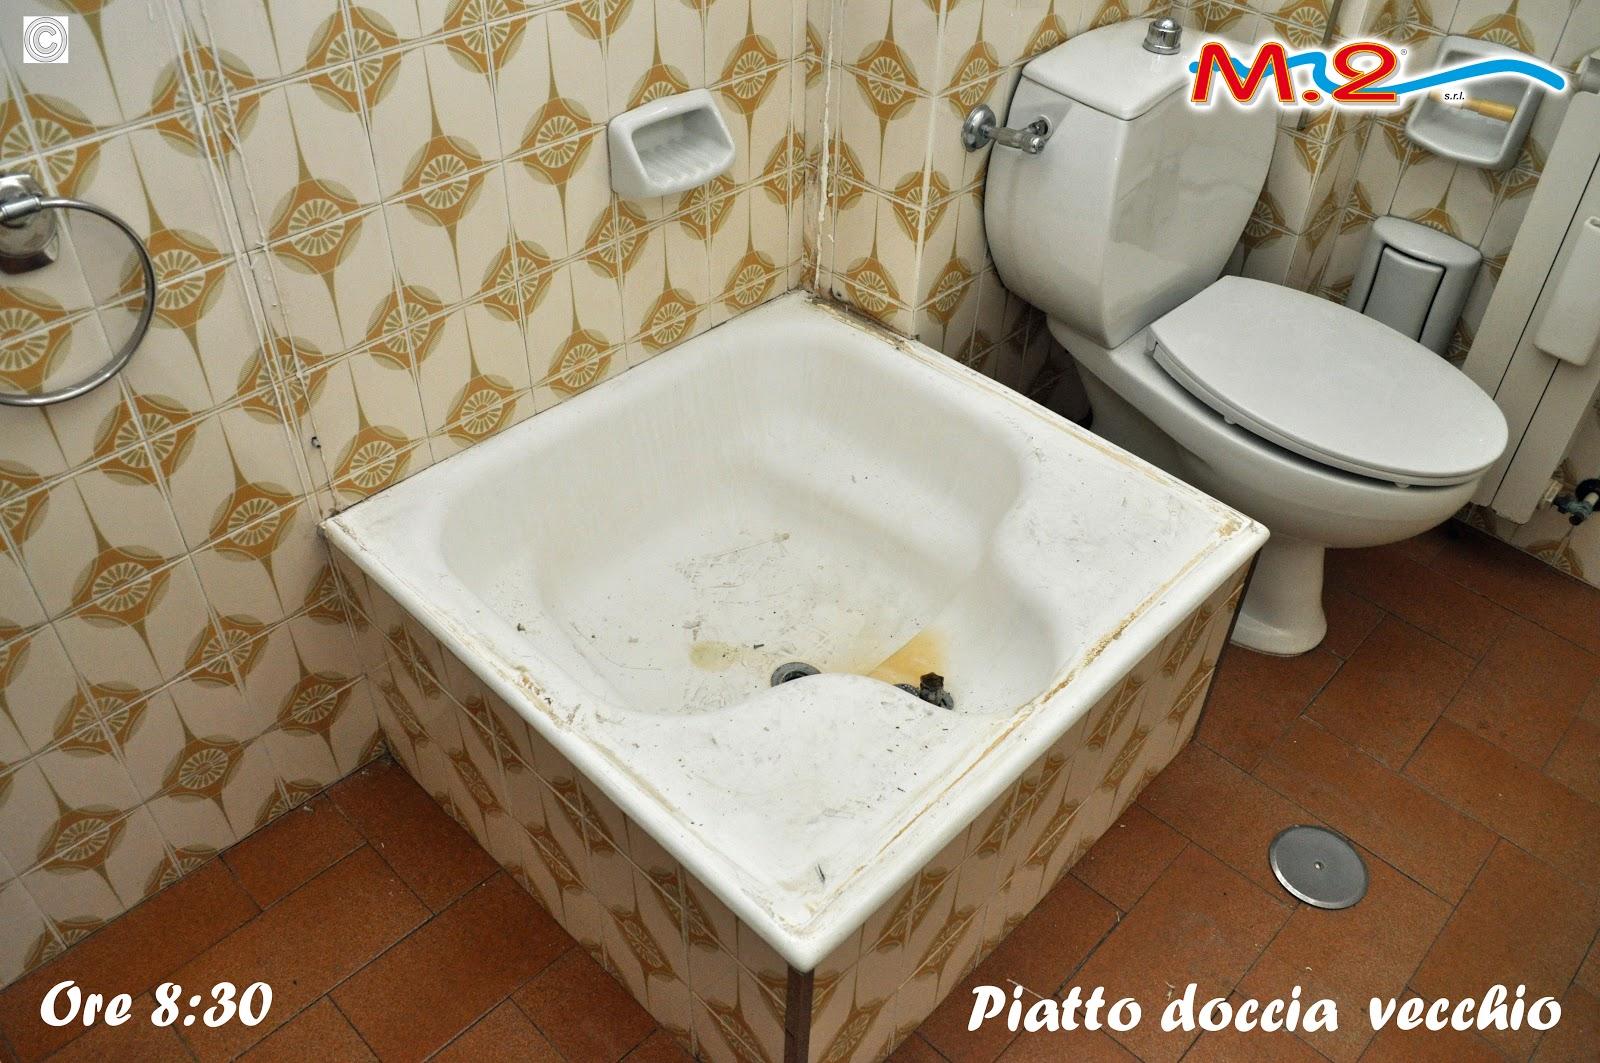 Vasca Da Sovrapporre : Sostituzione piatto doccia particolare m.2 trasformazione vasca in